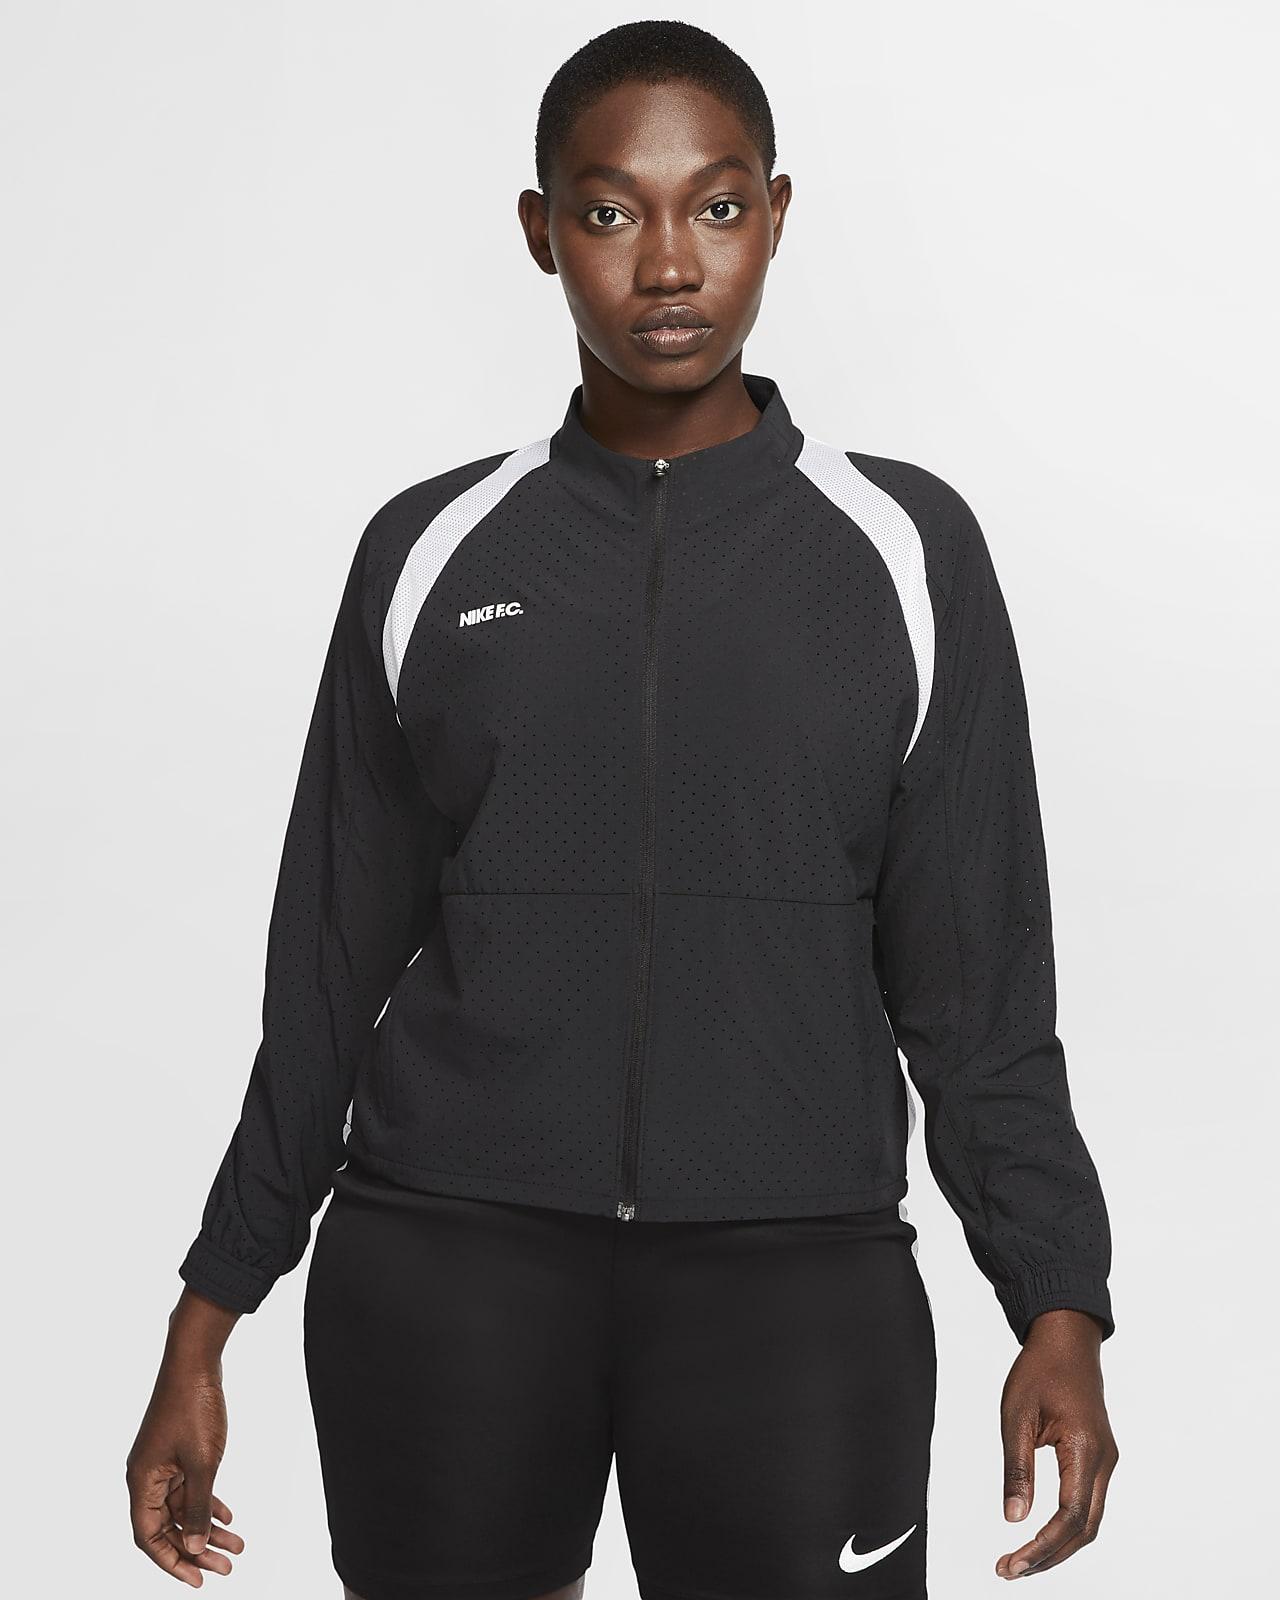 Женская футбольная куртка с молнией во всю длину Nike F.C.